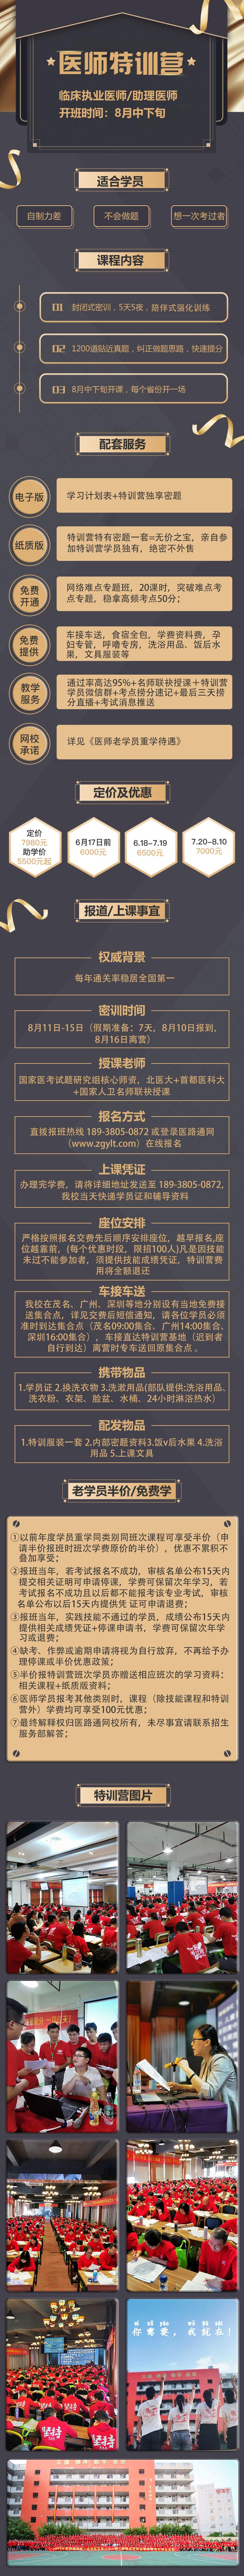 2020年临床执业医师特训营详情(2).png